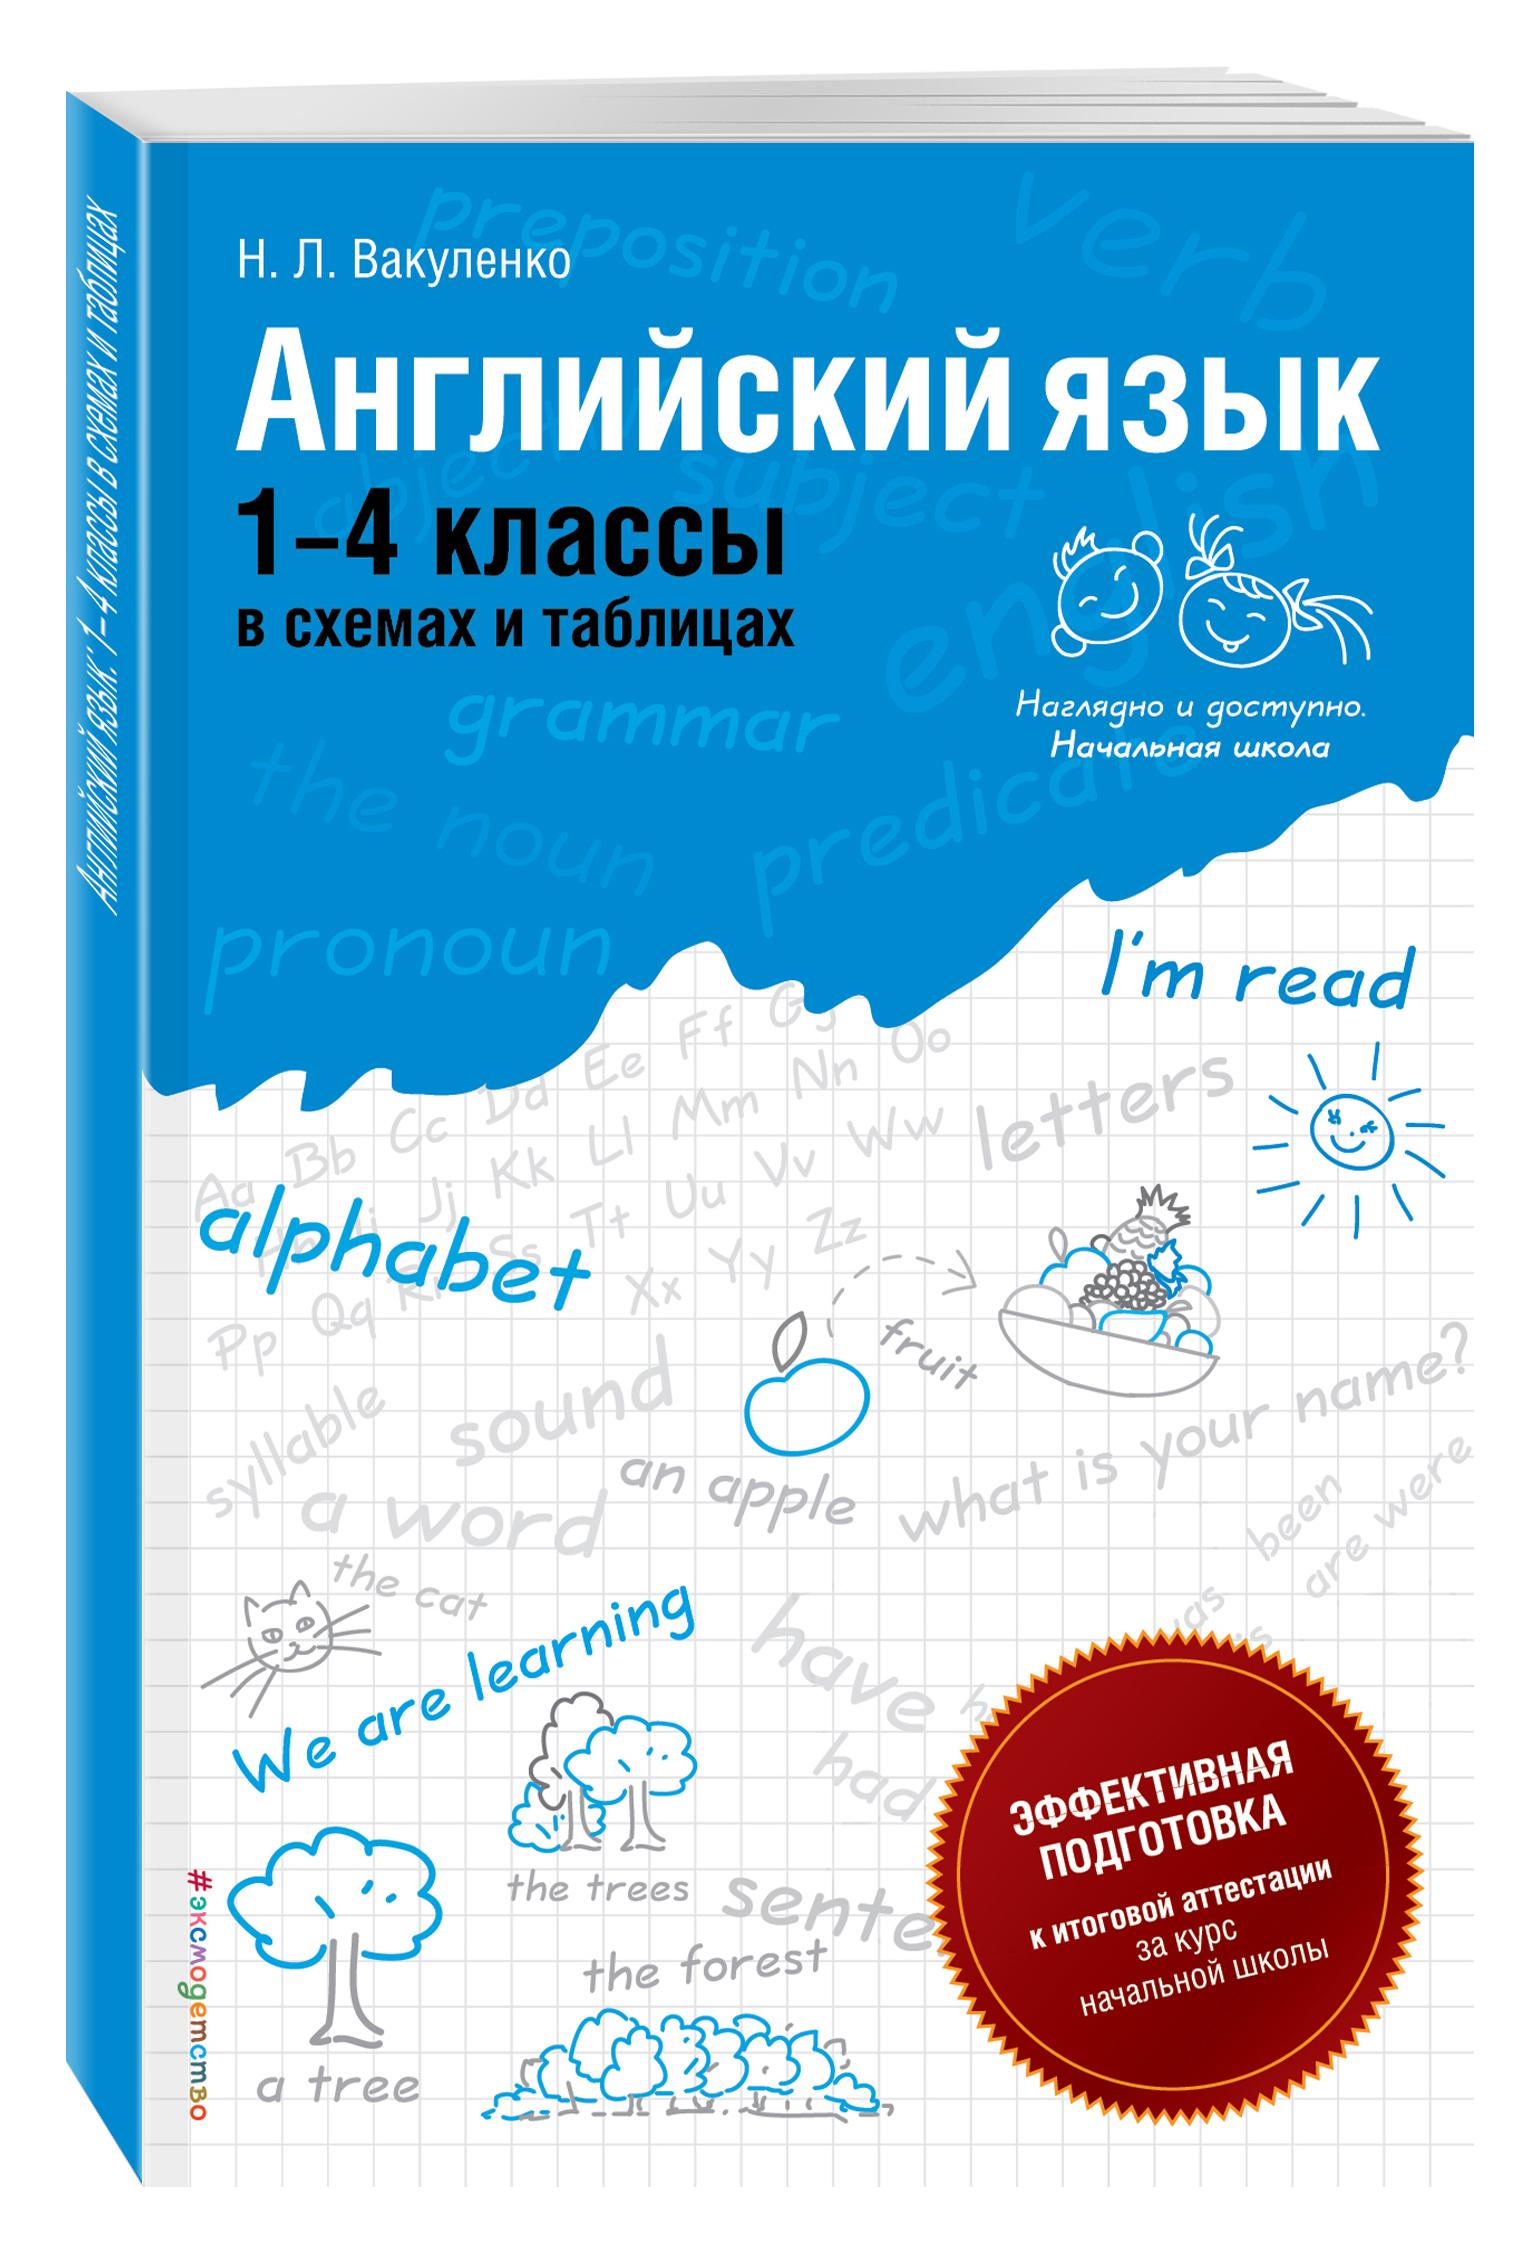 Английский язык: 1-4 классы в схемах и таблицах